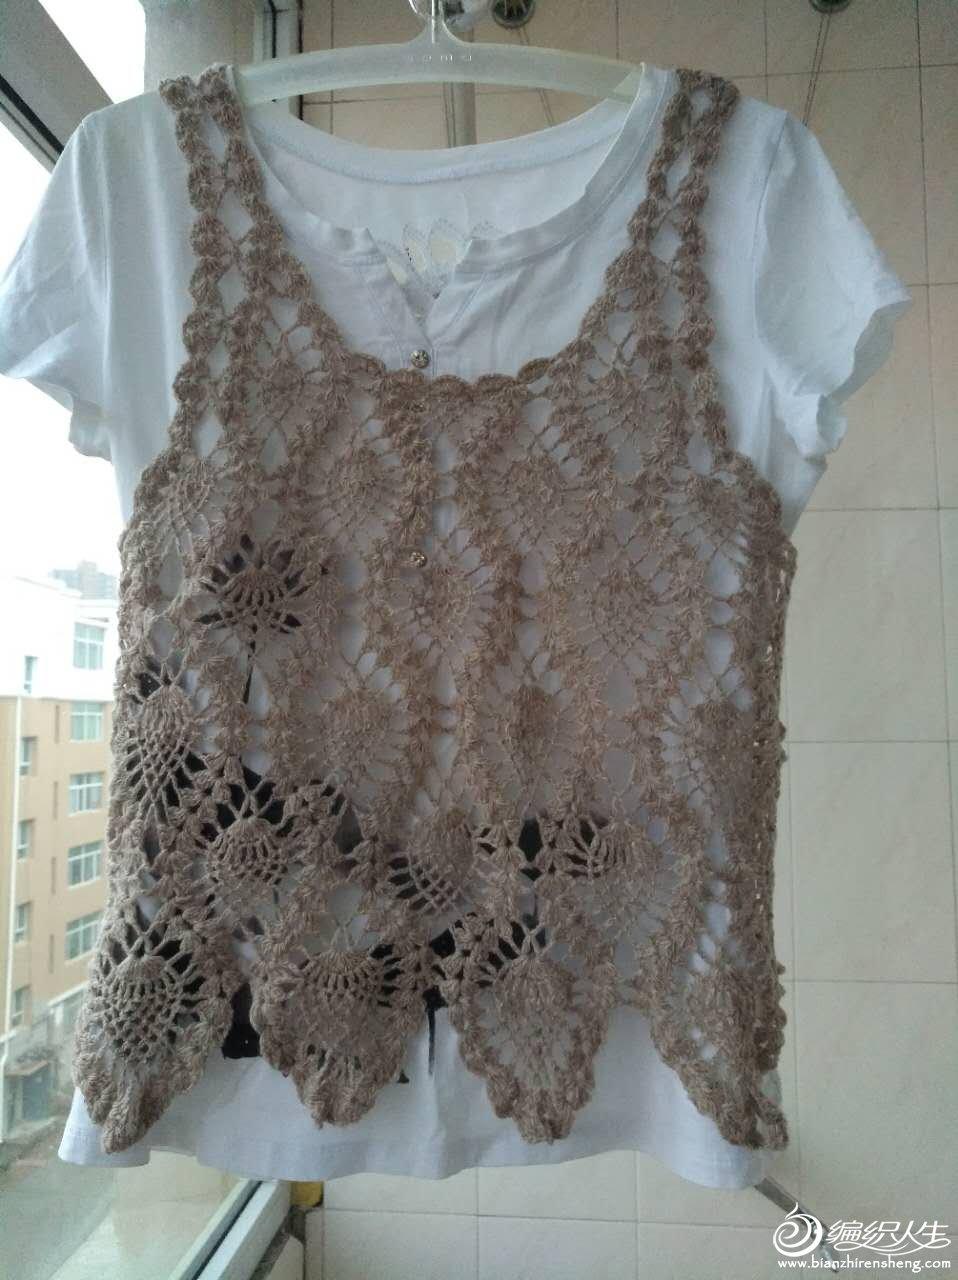 材质羊毛棉混纺,衣长50,胸围82,适合55斤以下的美女